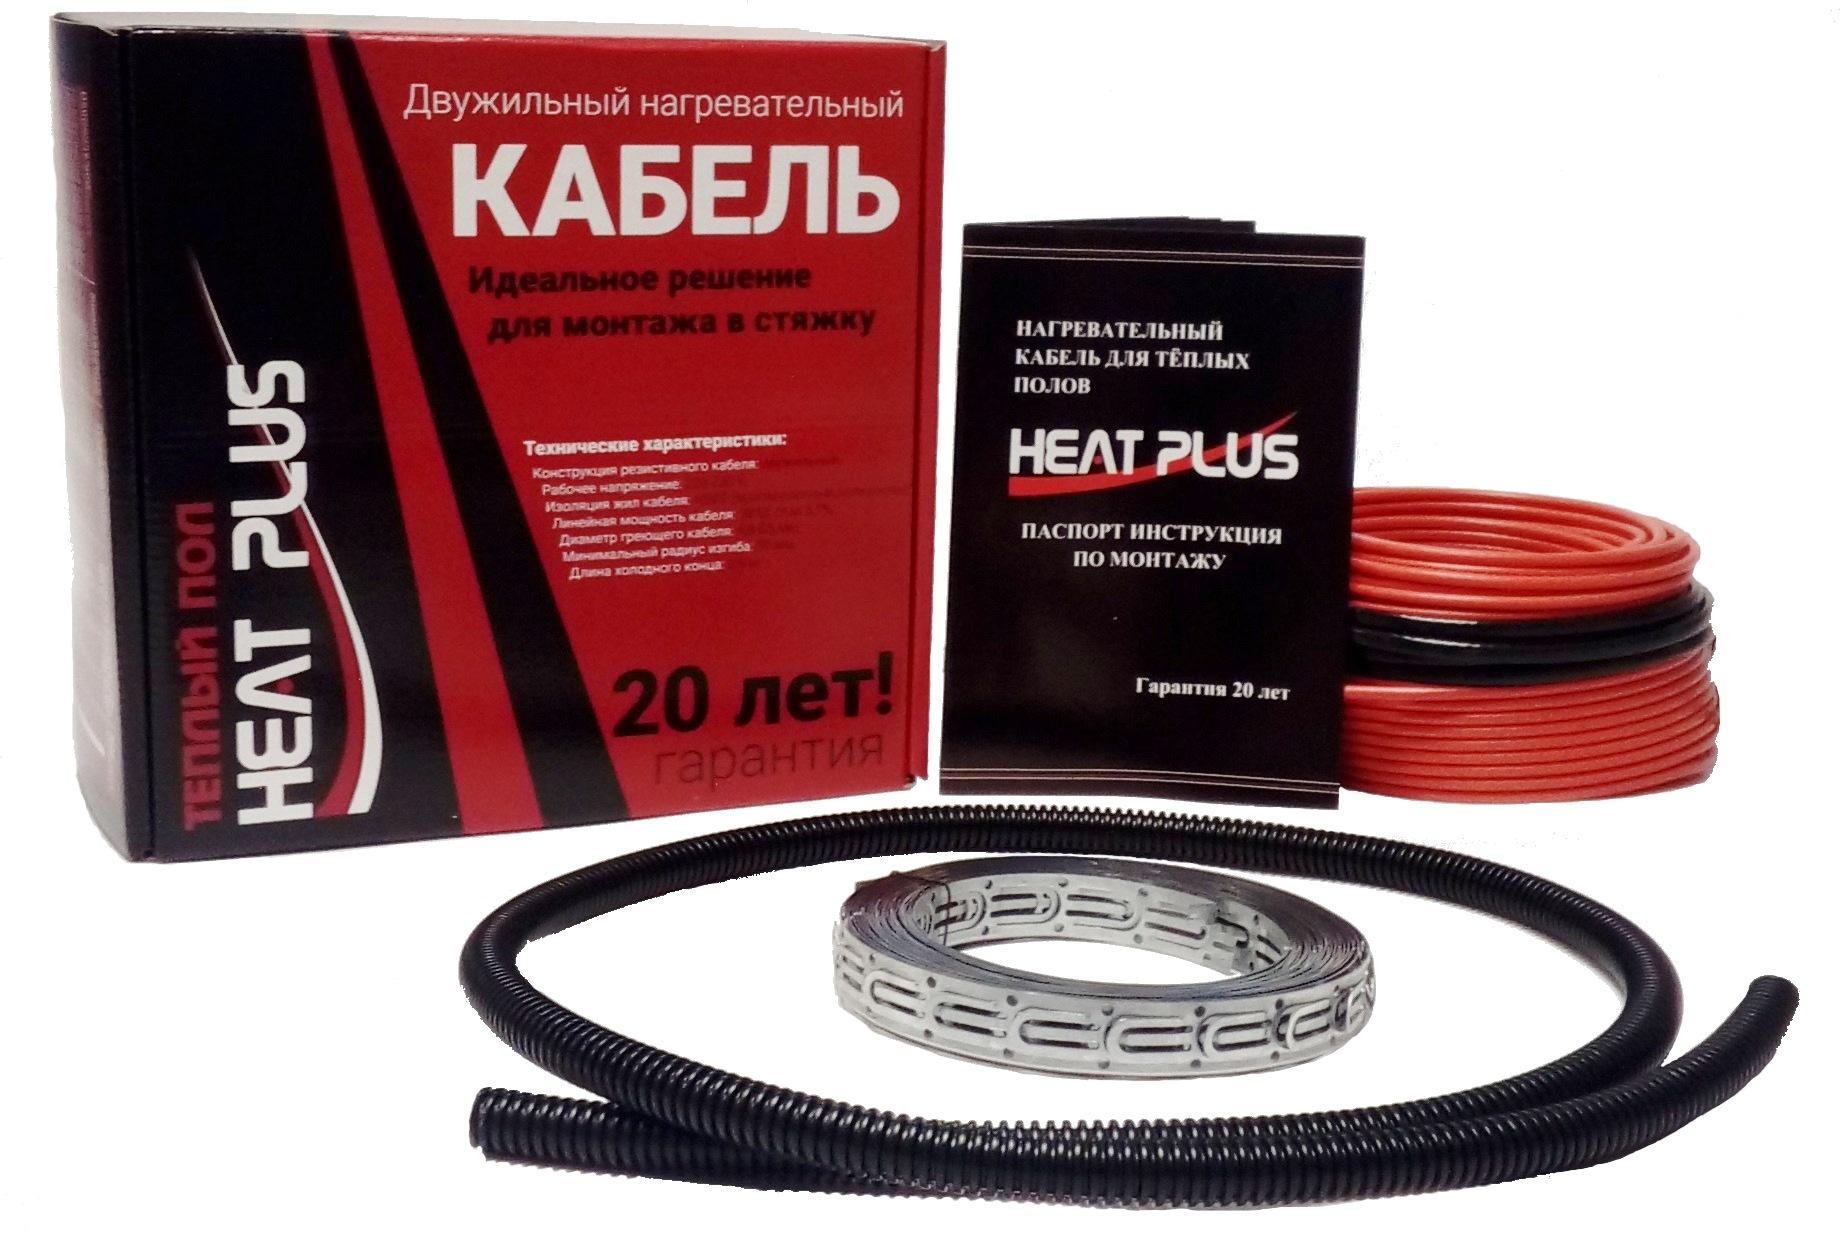 Двужильный нагревательный кабель HeatPlus 200Вт